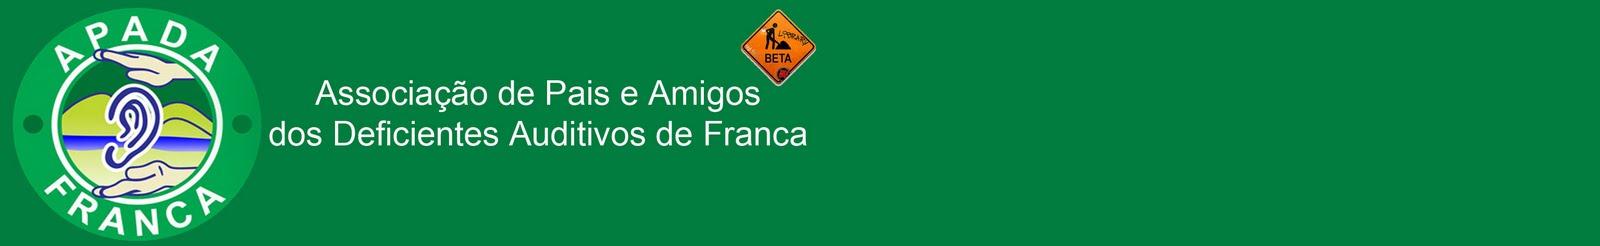 APADA Franca